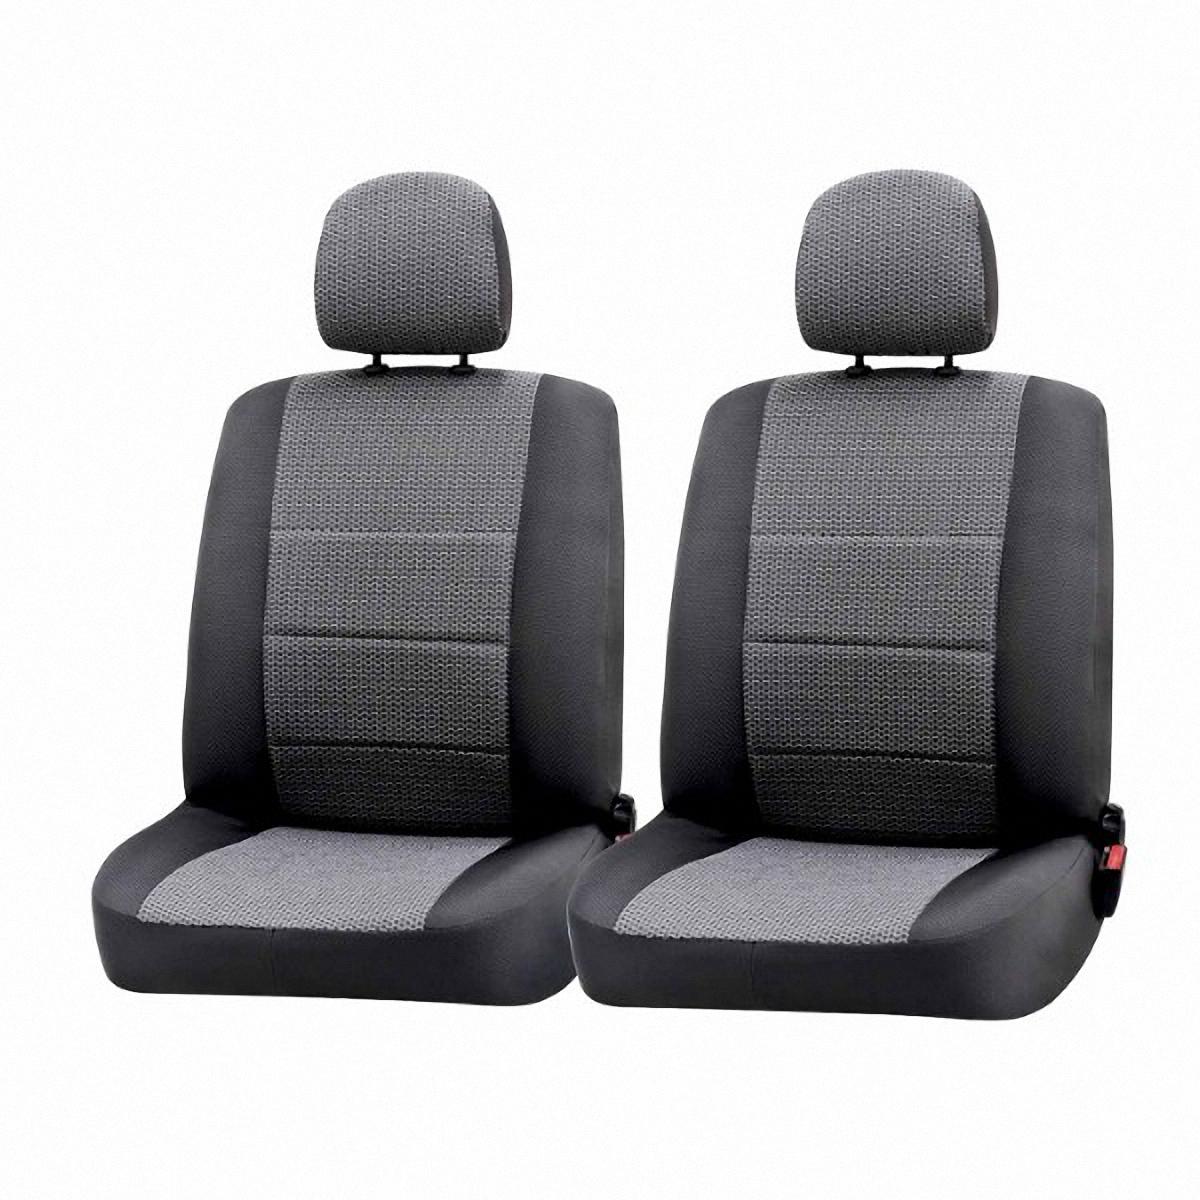 Чехлы автомобильные Skyway, для Lada Largus 2012-, 5-местныеV015/5-2Автомобильные чехлы Skyway изготовлены из качественного жаккарда. Чехлы идеально повторяют штатную форму сидений и выглядят как оригинальная обивка сидений. Разработаны индивидуально для каждой модели автомобиля. Авточехлы Skyway просты в уходе - загрязнения легко удаляются влажной тканью. Чехлы имеют раздельную схему надевания. В комплекте 13 предметов.